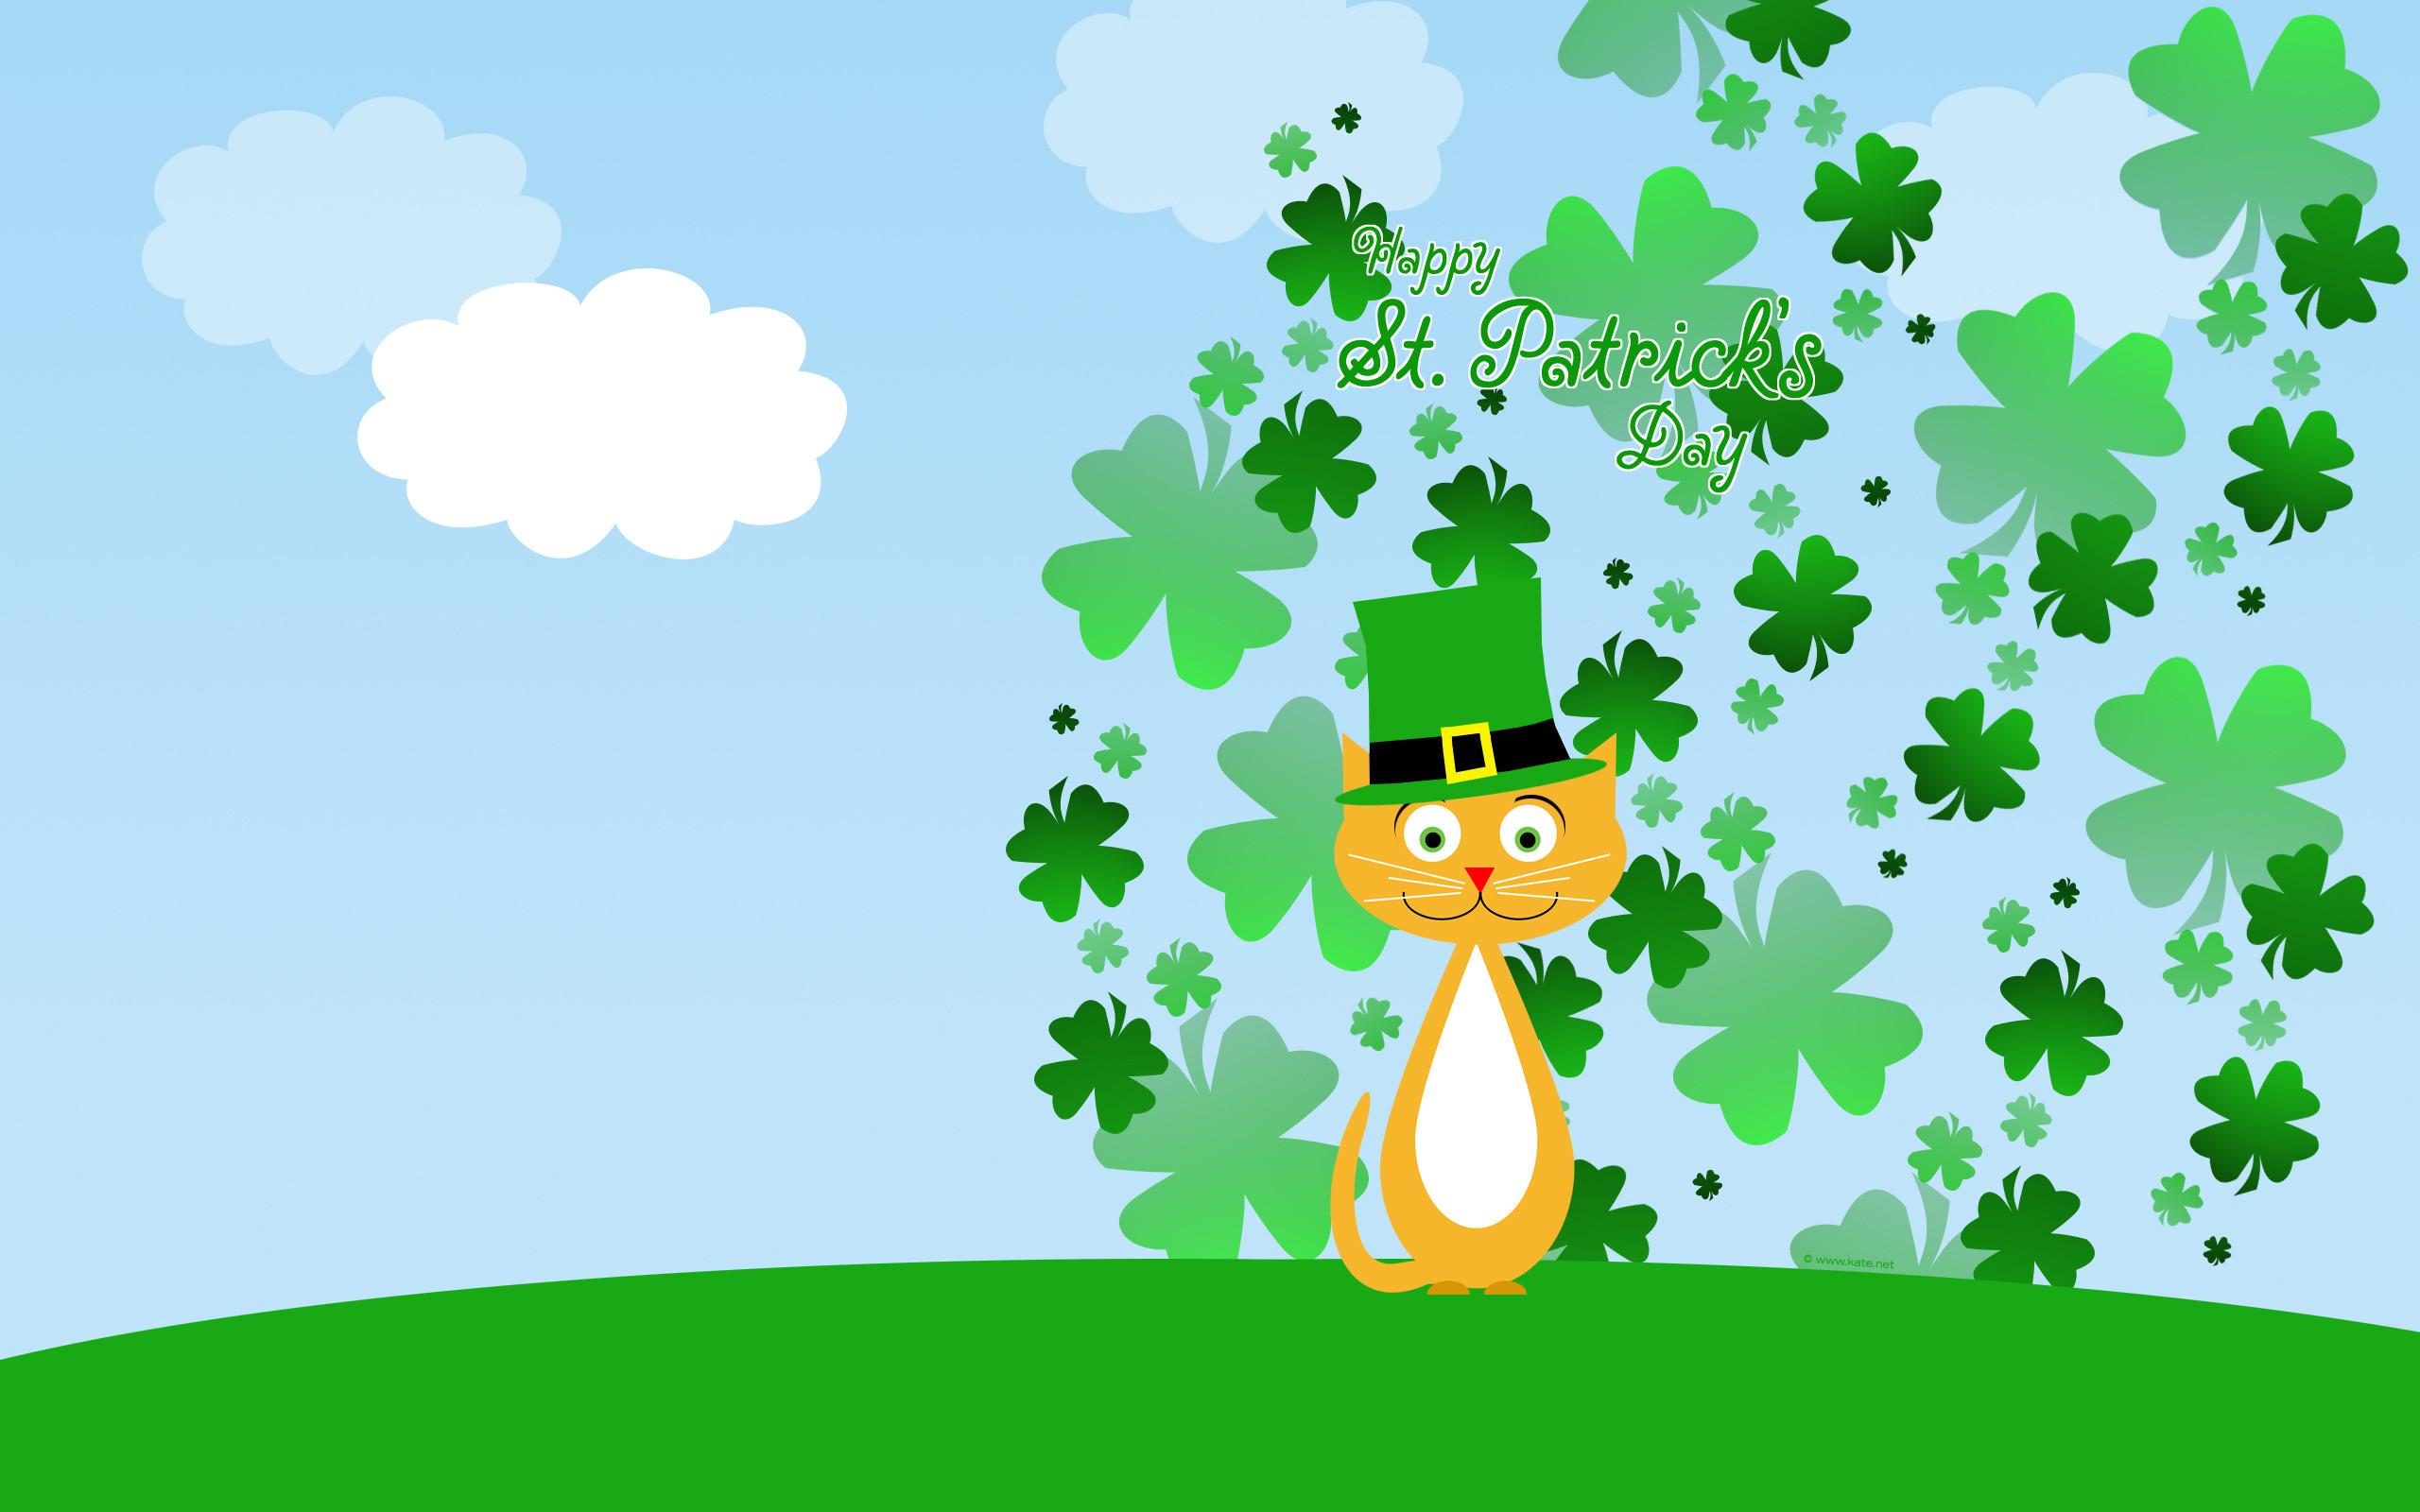 St Patricks Day Backgrounds